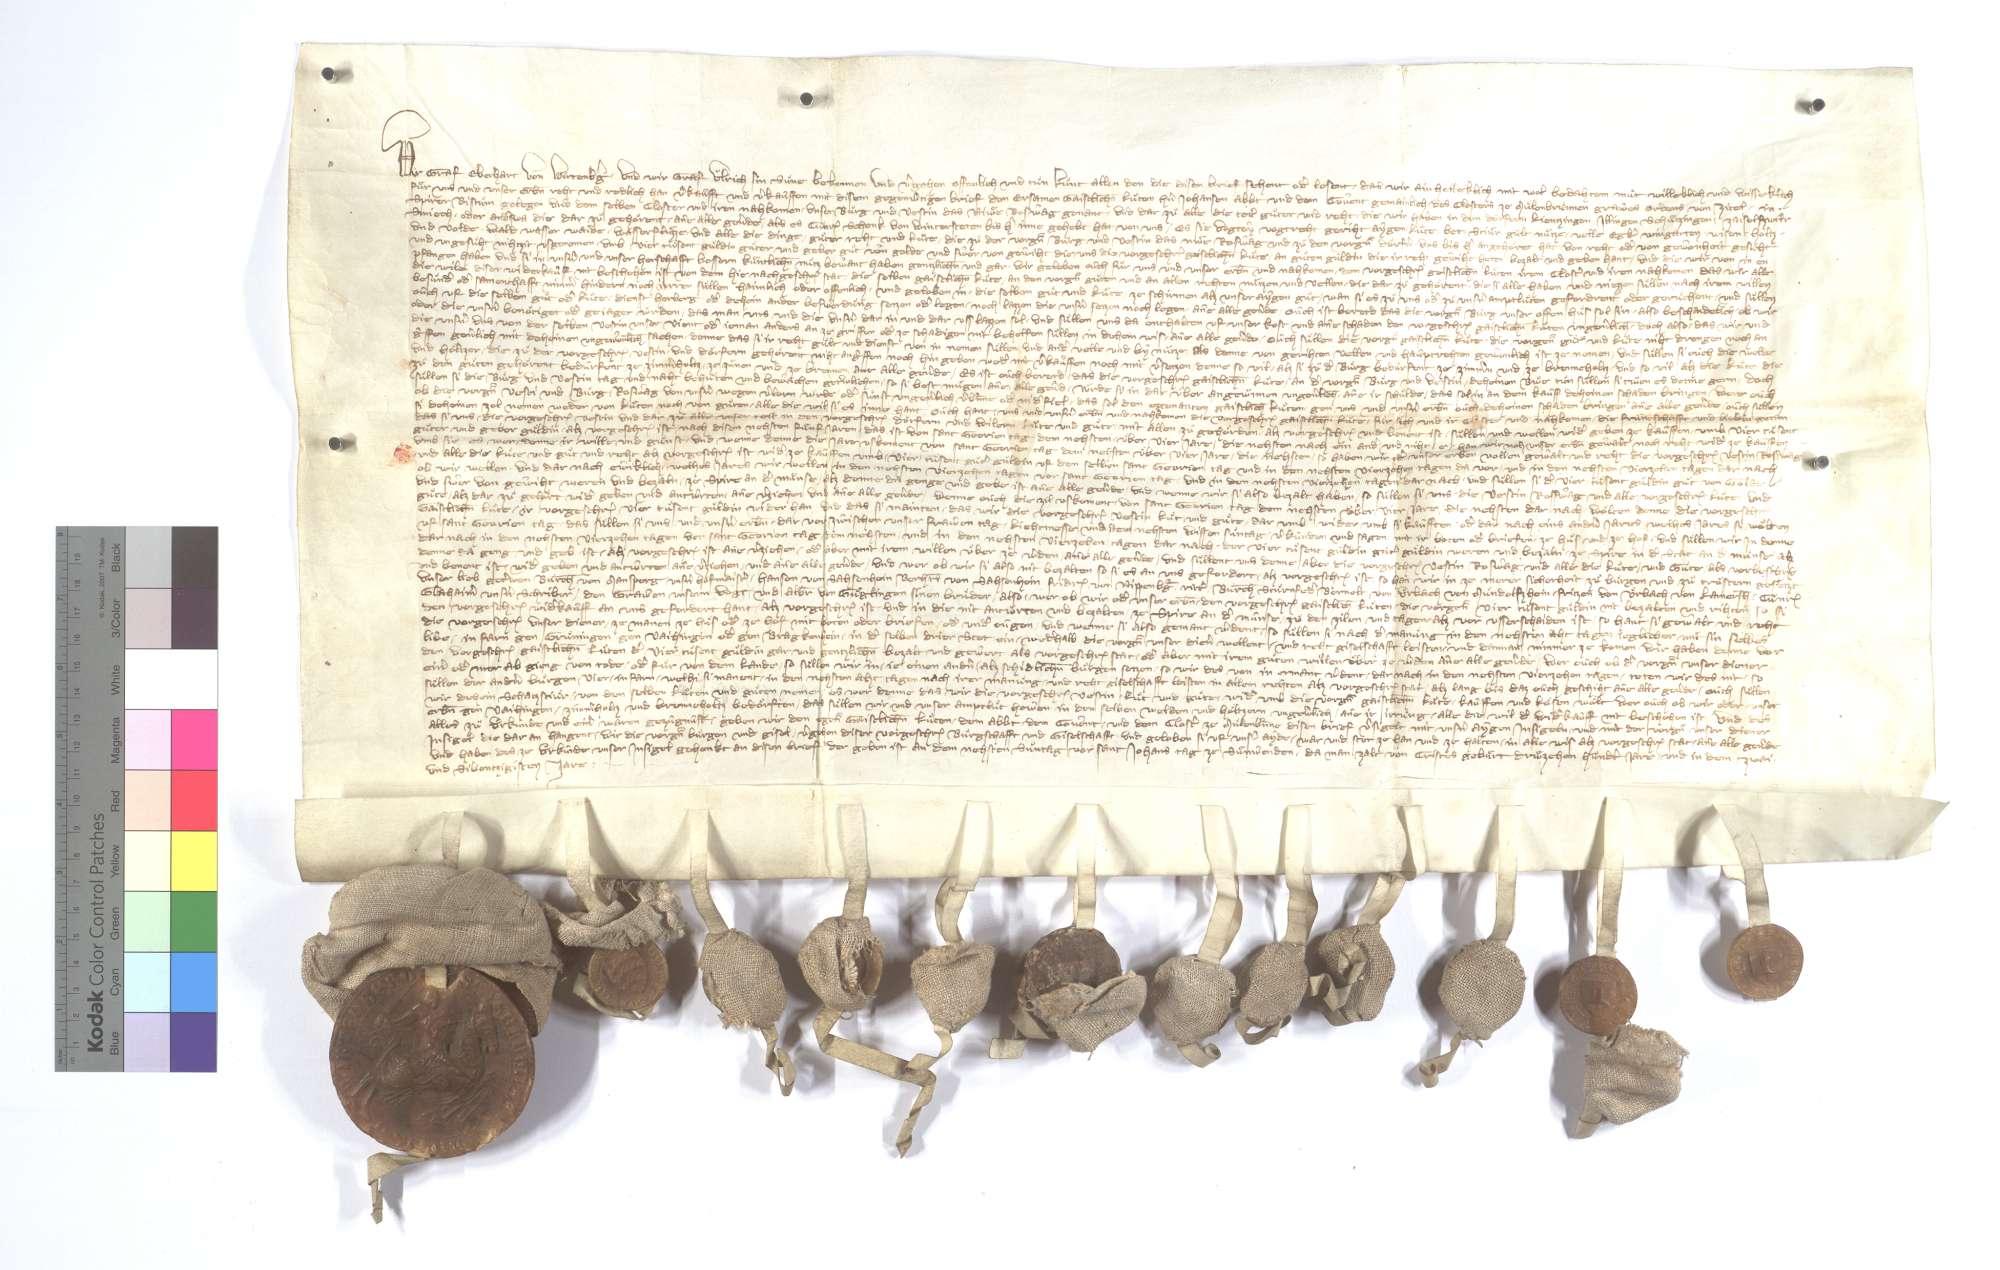 Graf Eberhard von Württemberg (Wirtemberg) und Graf Ulrich, sein Sohn, verkaufen dem Kloster Maulbronn die Burg und Veste (Vestin) Neu (Niuwe) Roßwag samt den Teilgütern und Gerechtsame in Lienzingen (Lientzingen), Illingen, Schützingen (Schüzingen), Zaisersweiher und Schmie (Schmye) auf Widerlegung., Text